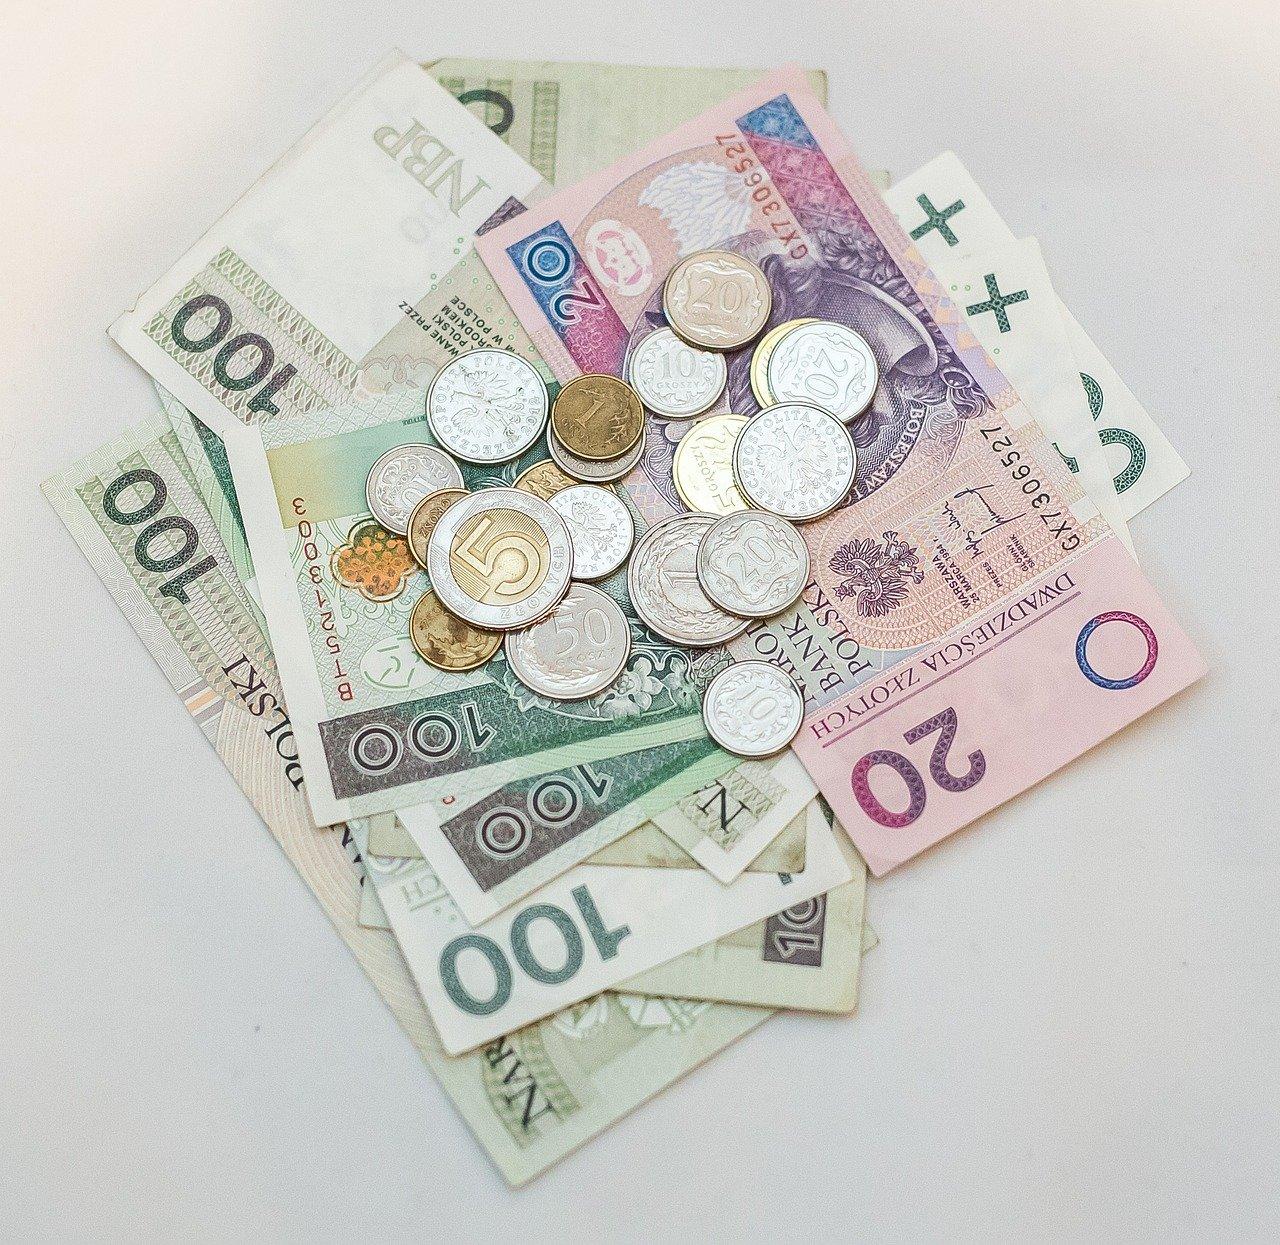 Kredyt gotówkowy na 60 tys – na ile miesięcy?